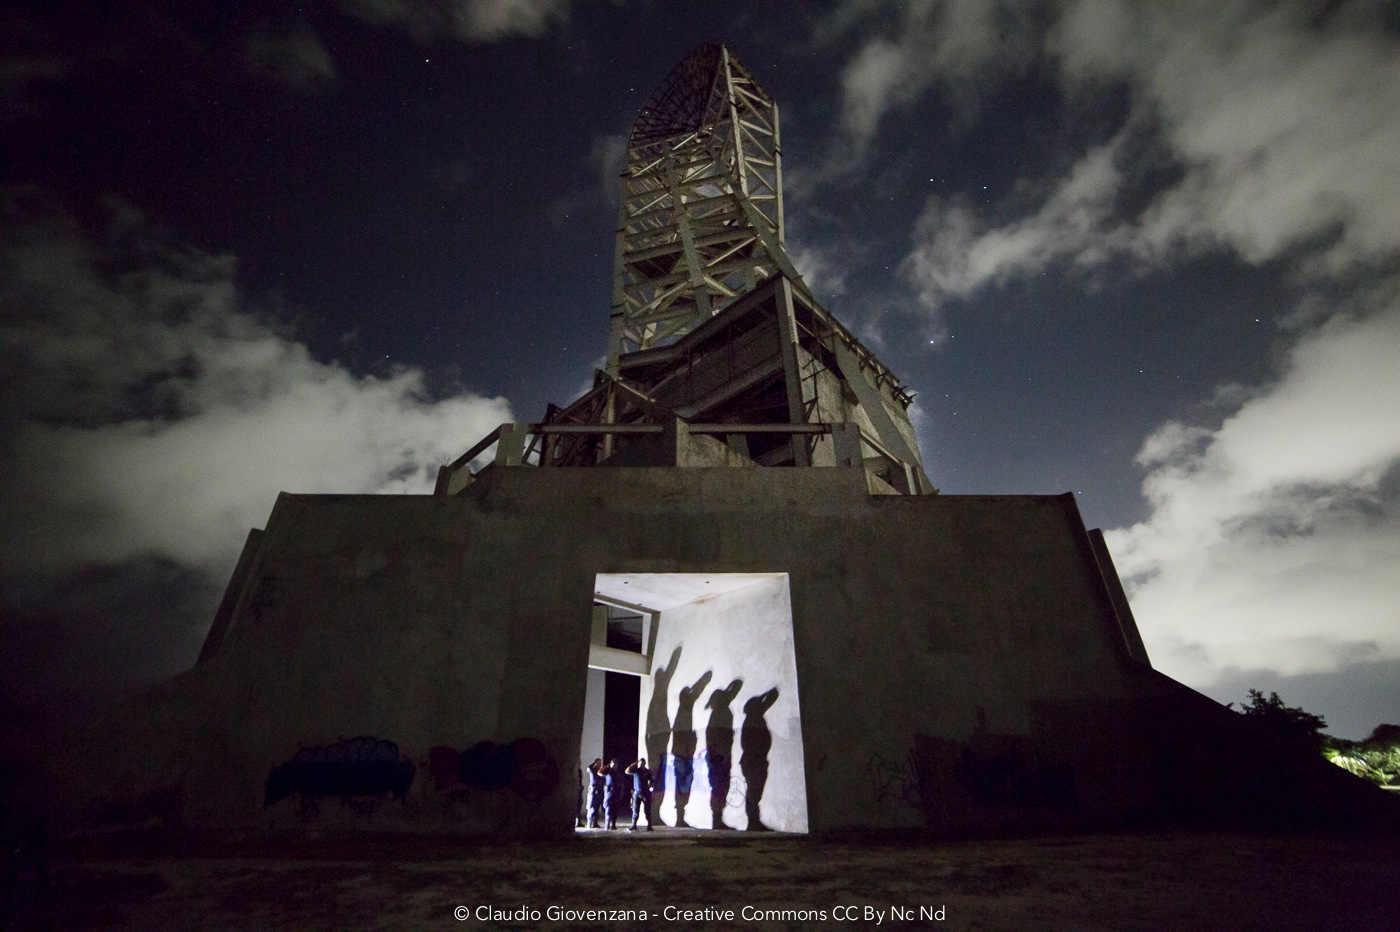 I poliziotti posano per la fotografia notturna a Chetumal in Messico